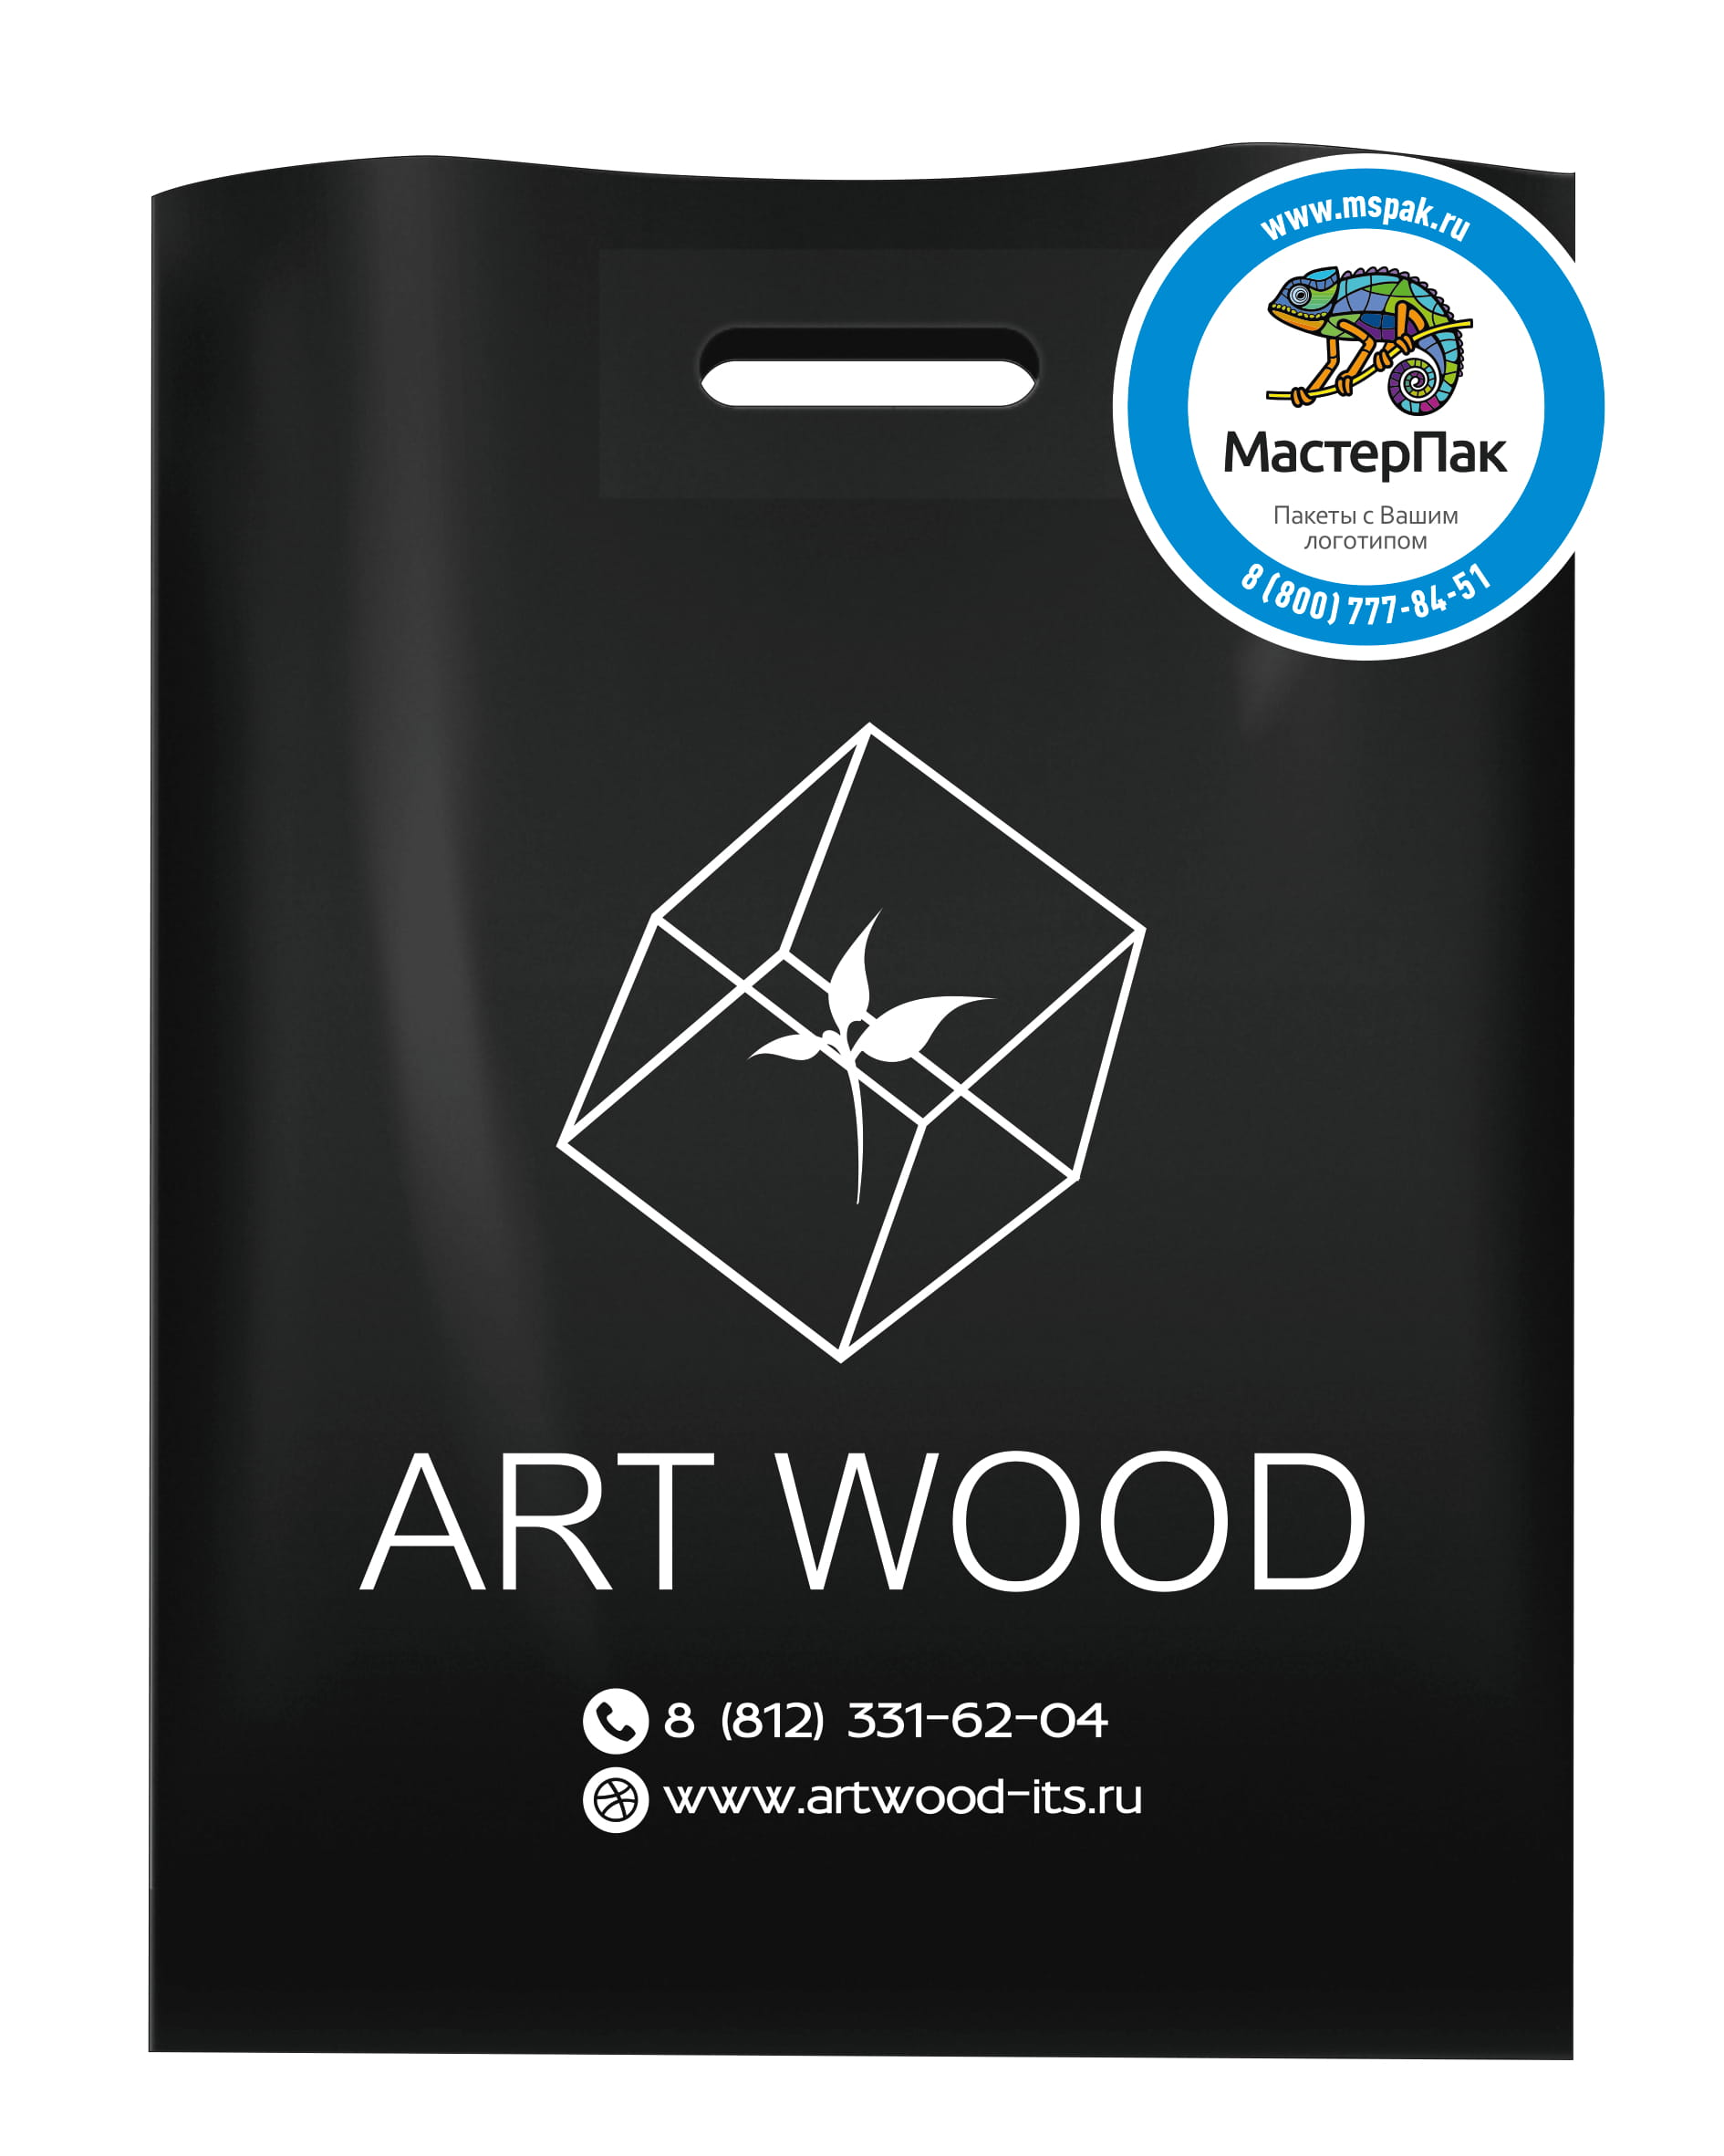 Пакет ПВД с логотипом Art Wood, Спб, 70 мкм, 30*40, черный